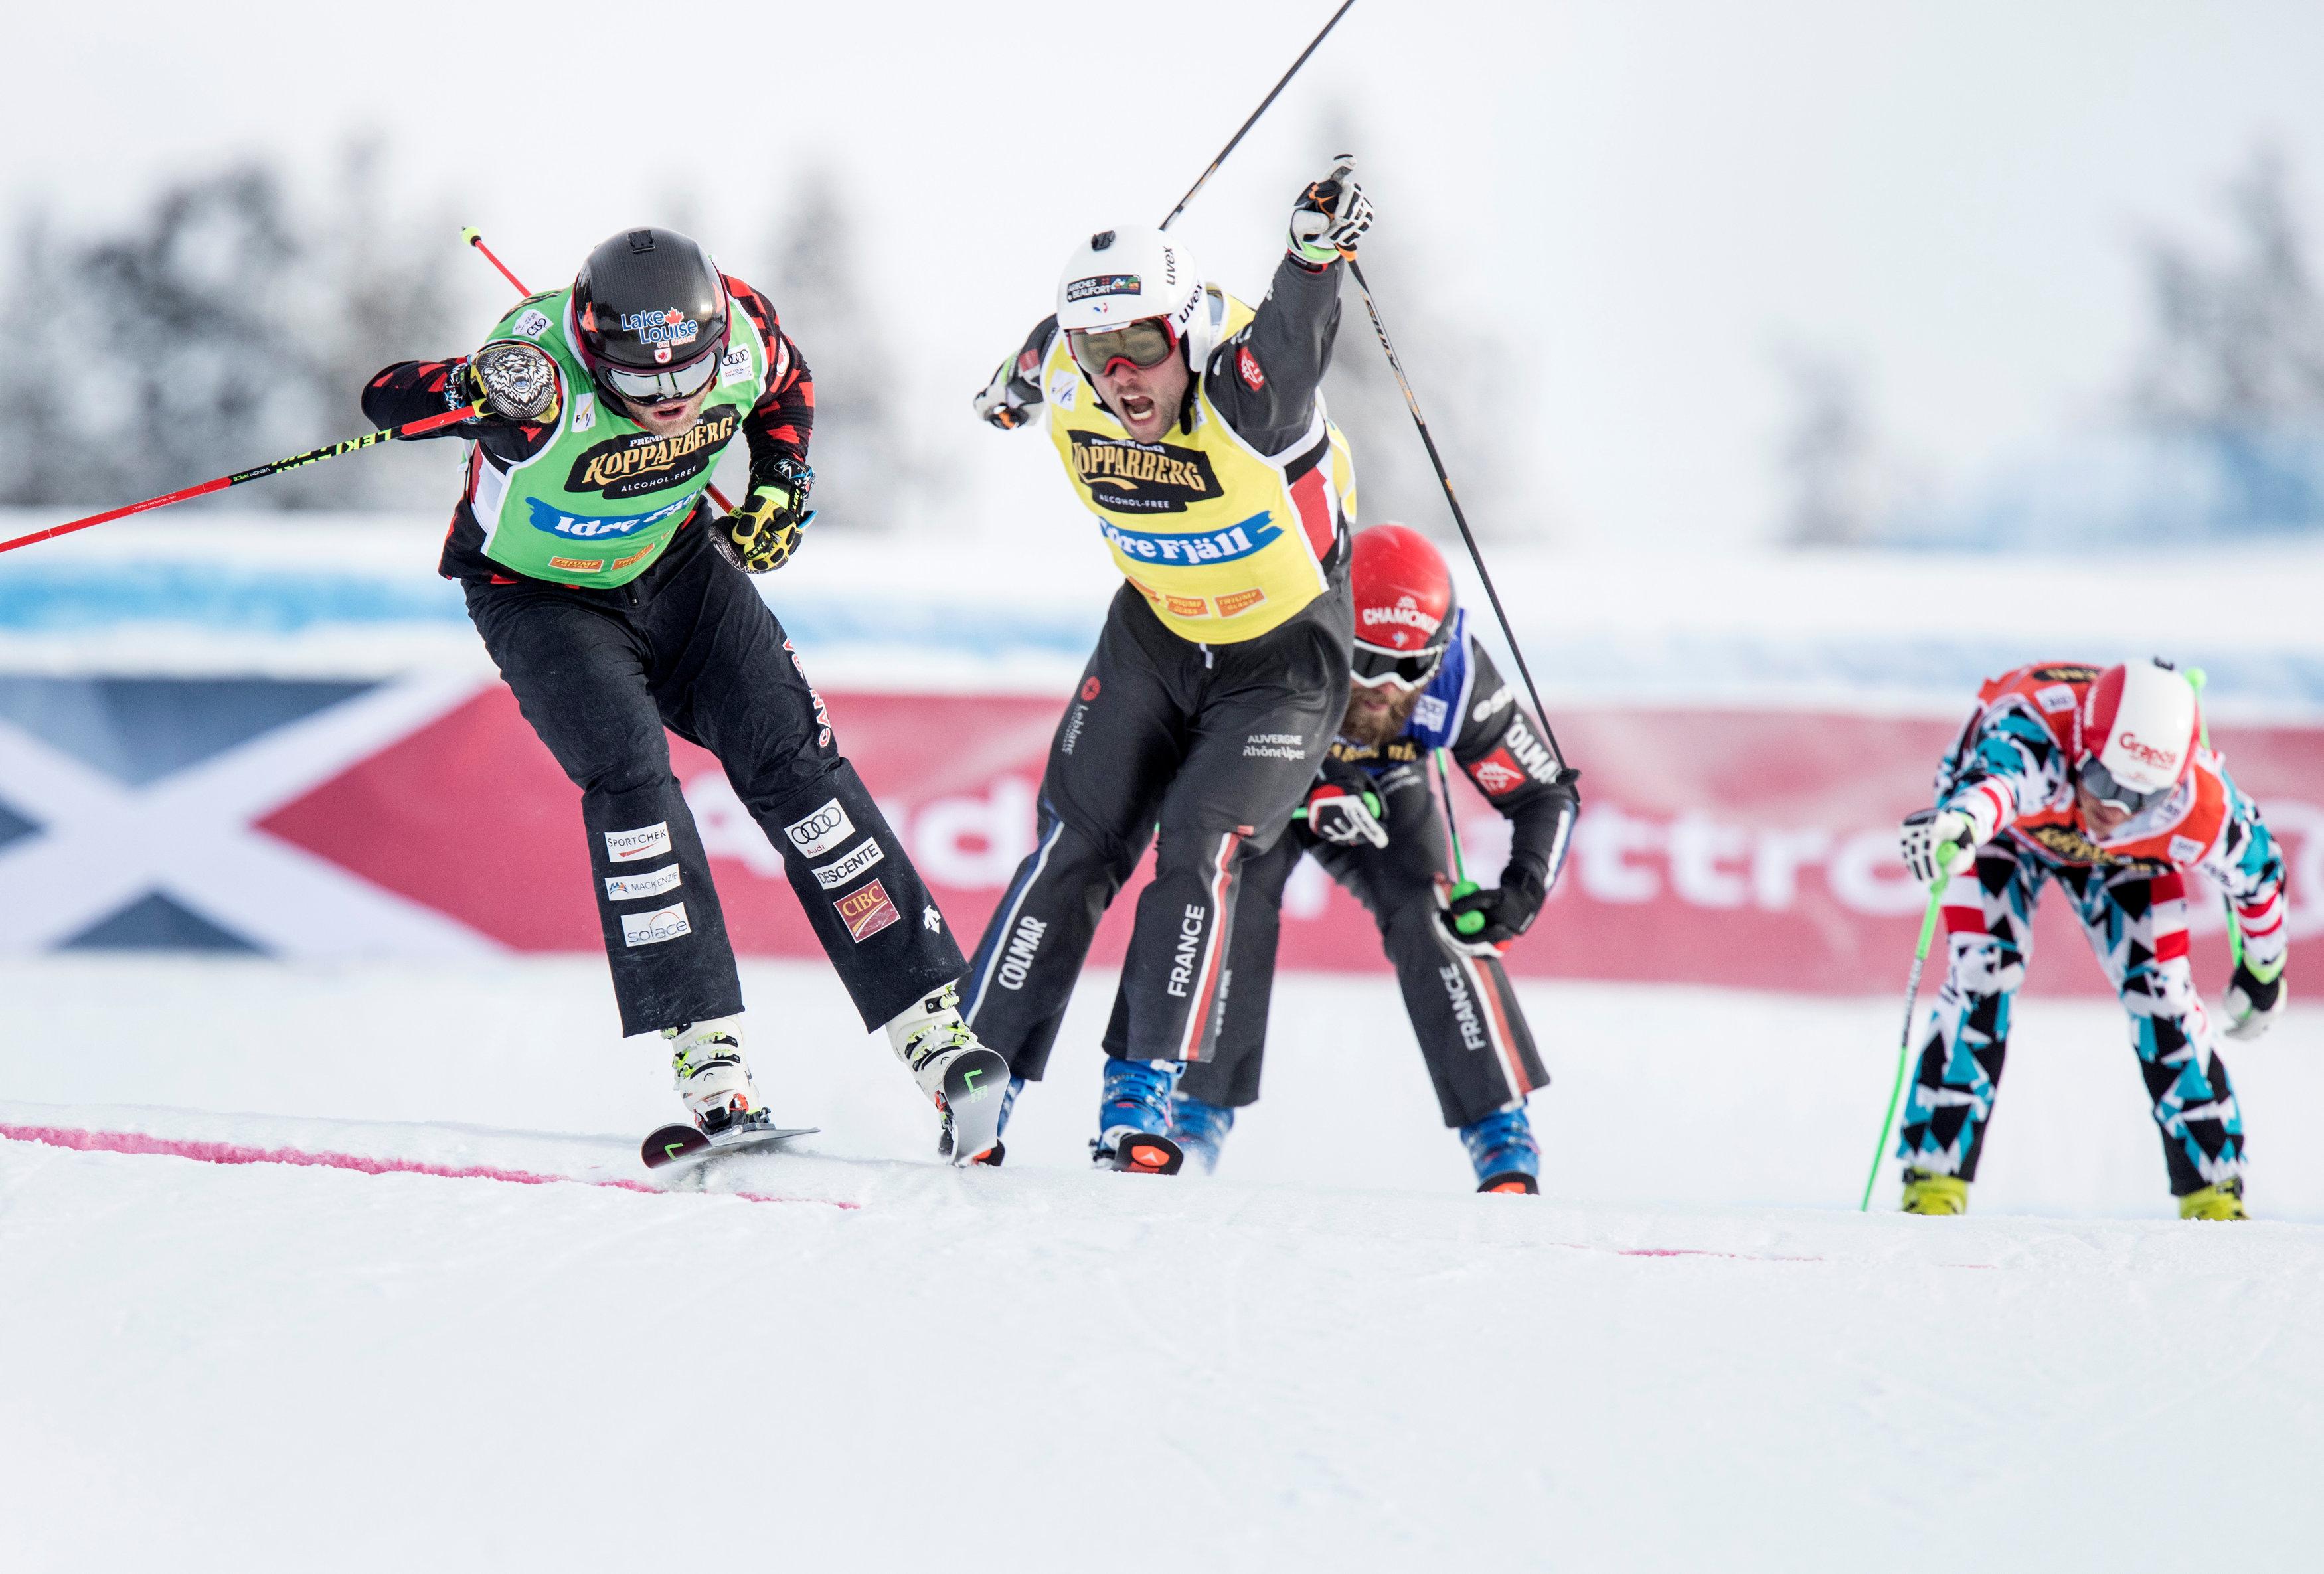 Sports d'hiver - Skicross : Chapuis remporte son 3e globe de cristal